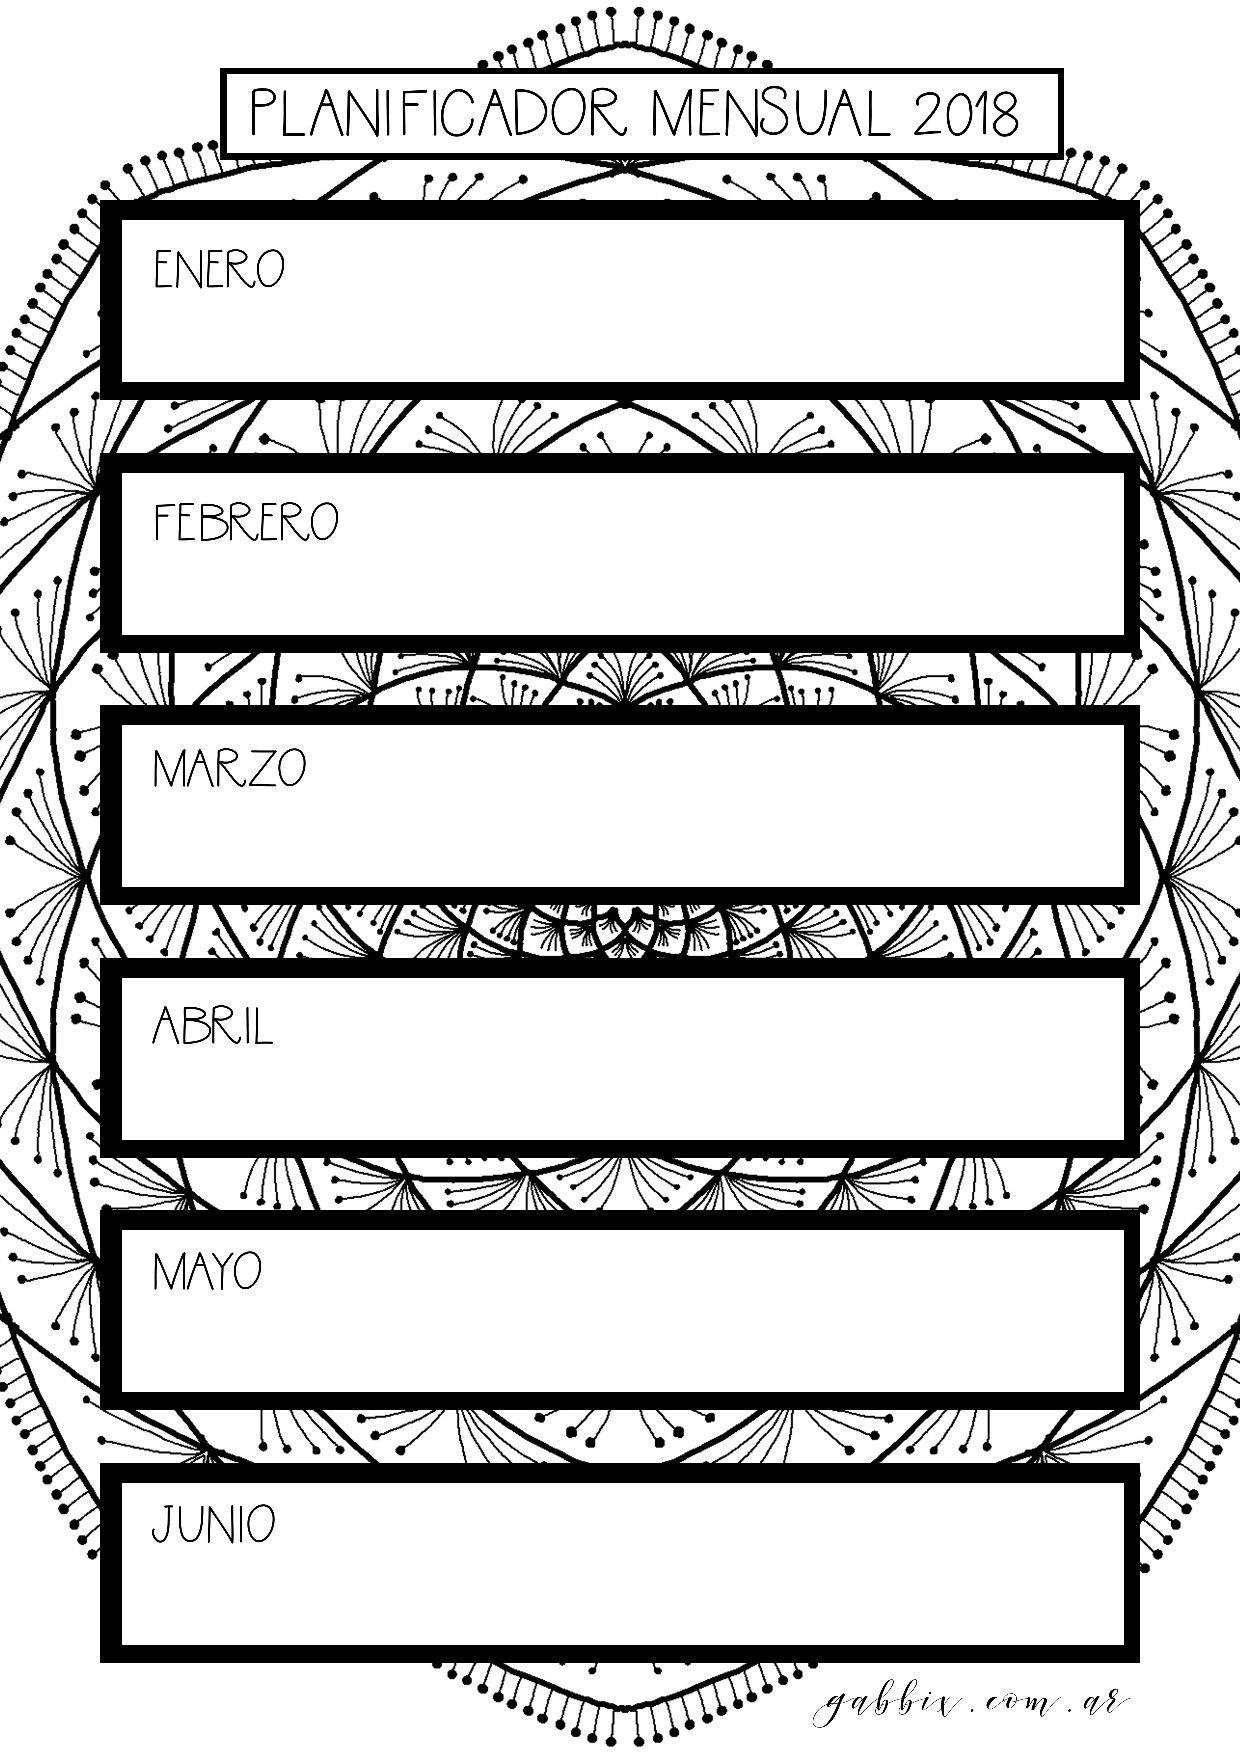 šLTIMOS DAS agenda 2018 gratis con mandalas para colorear y journaling Bullet journal Gratitud journal Planificador mensual diario y semanal